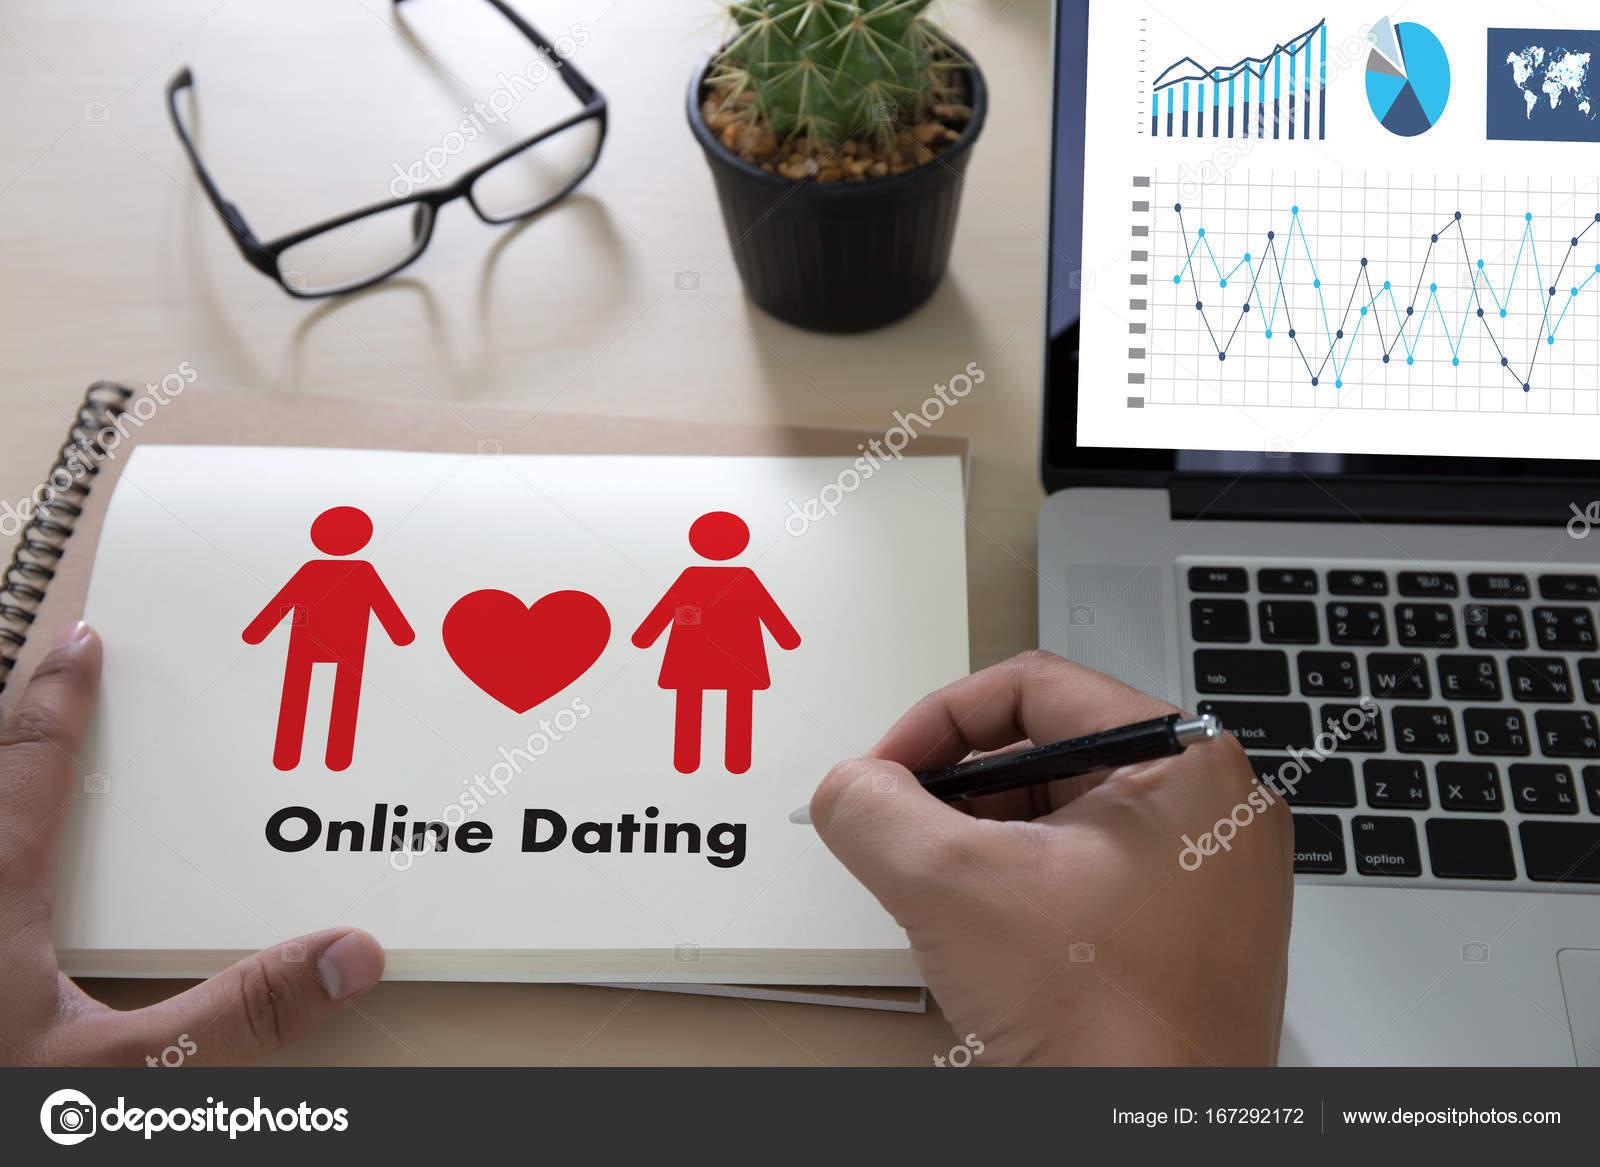 Онлайн знакомства любовь и дружба знакомства по интересам.горные лыжи.санкт=петербург